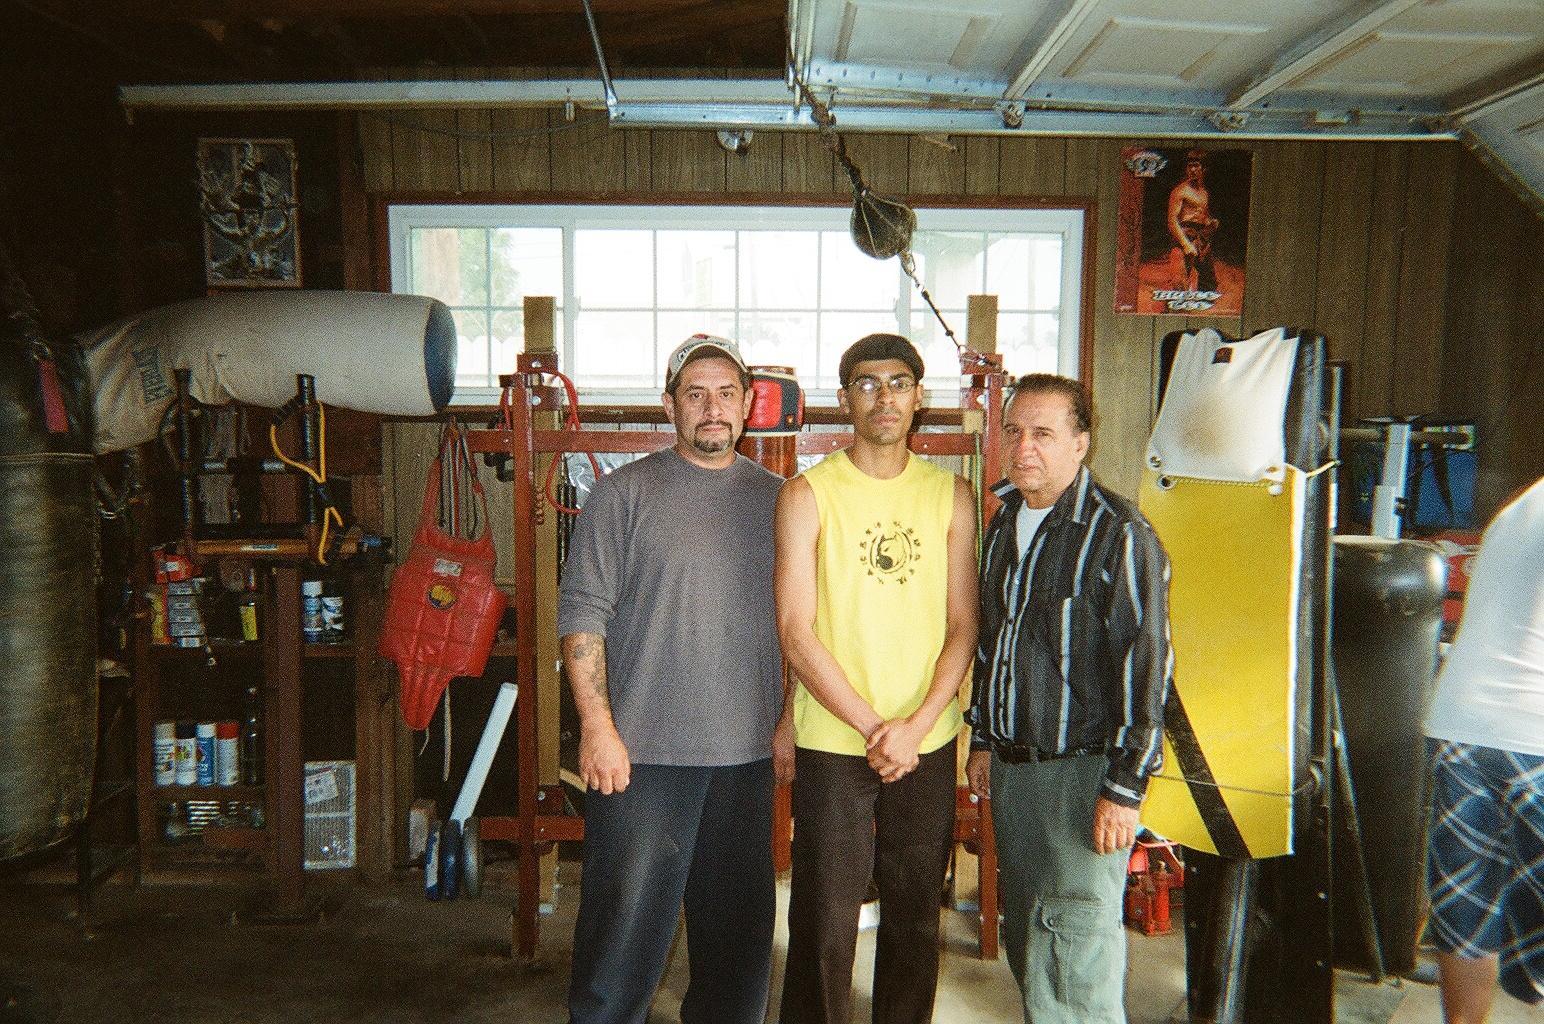 Richard, Felix, and Robert